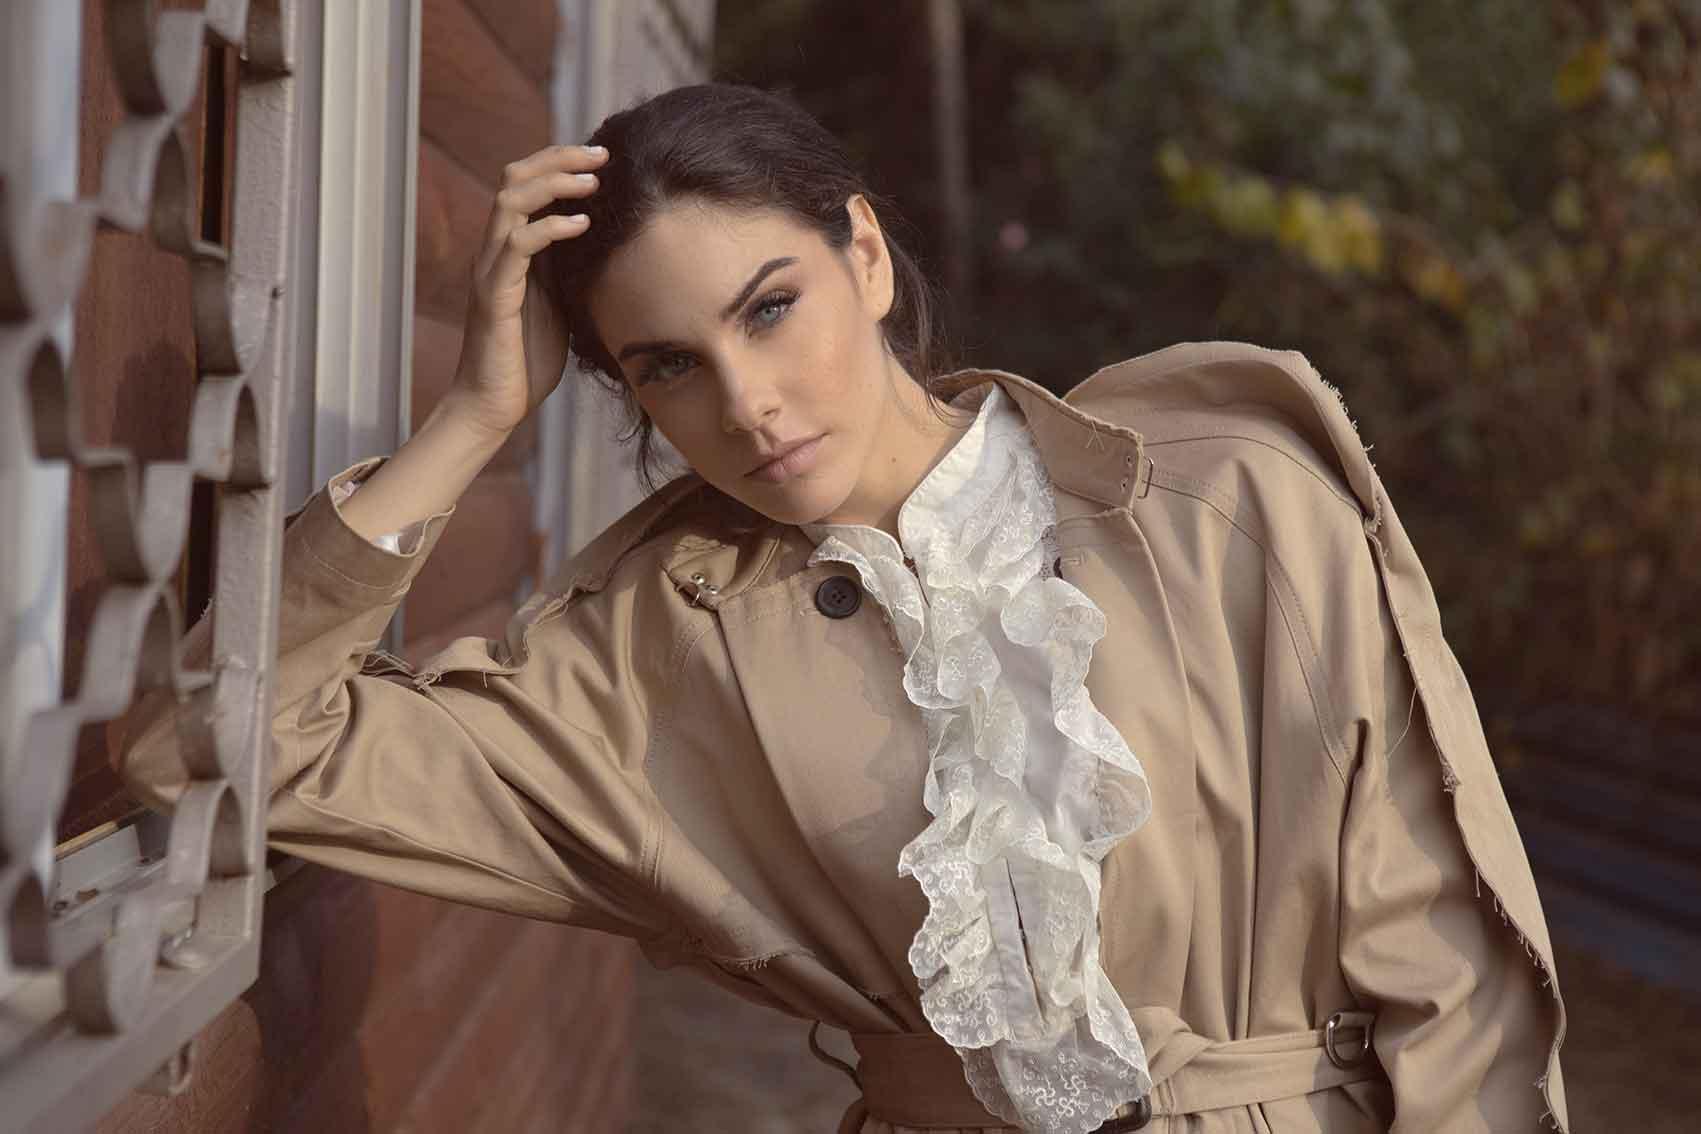 אופנה-ישראלית-פינת-חי